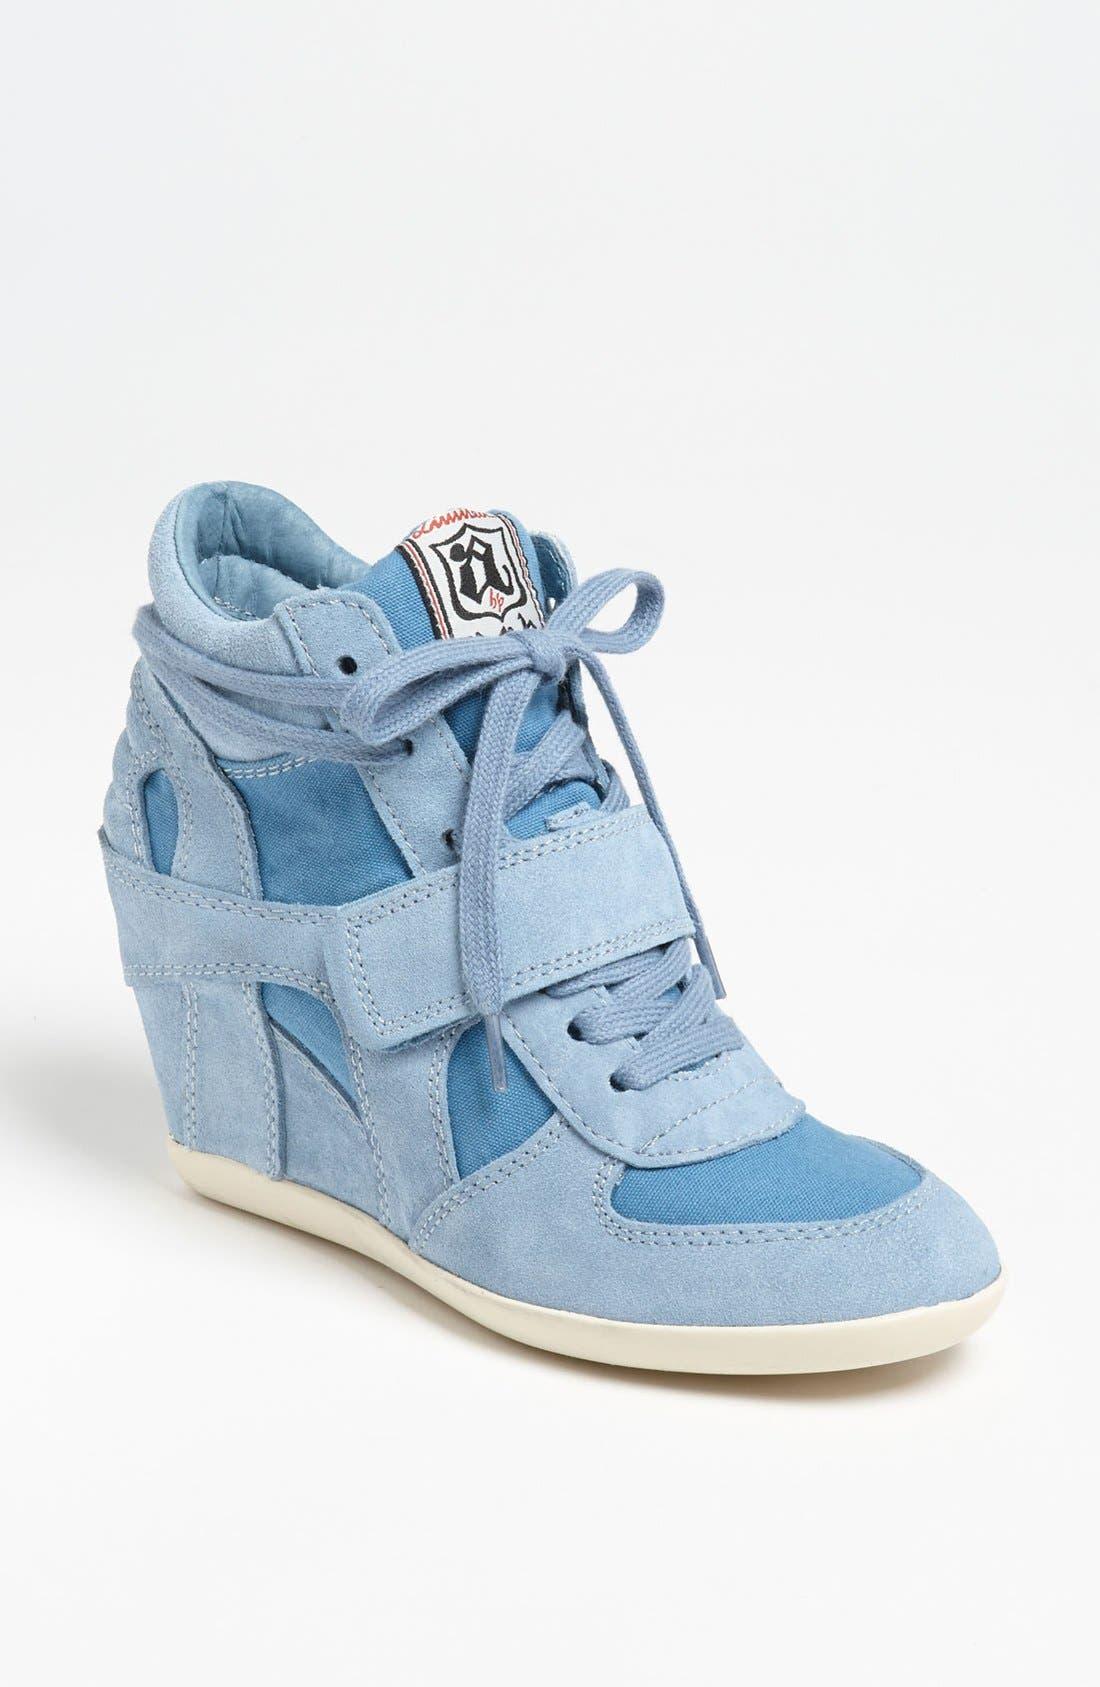 Alternate Image 1 Selected - Ash 'Bowie' Hidden Wedge Sneaker